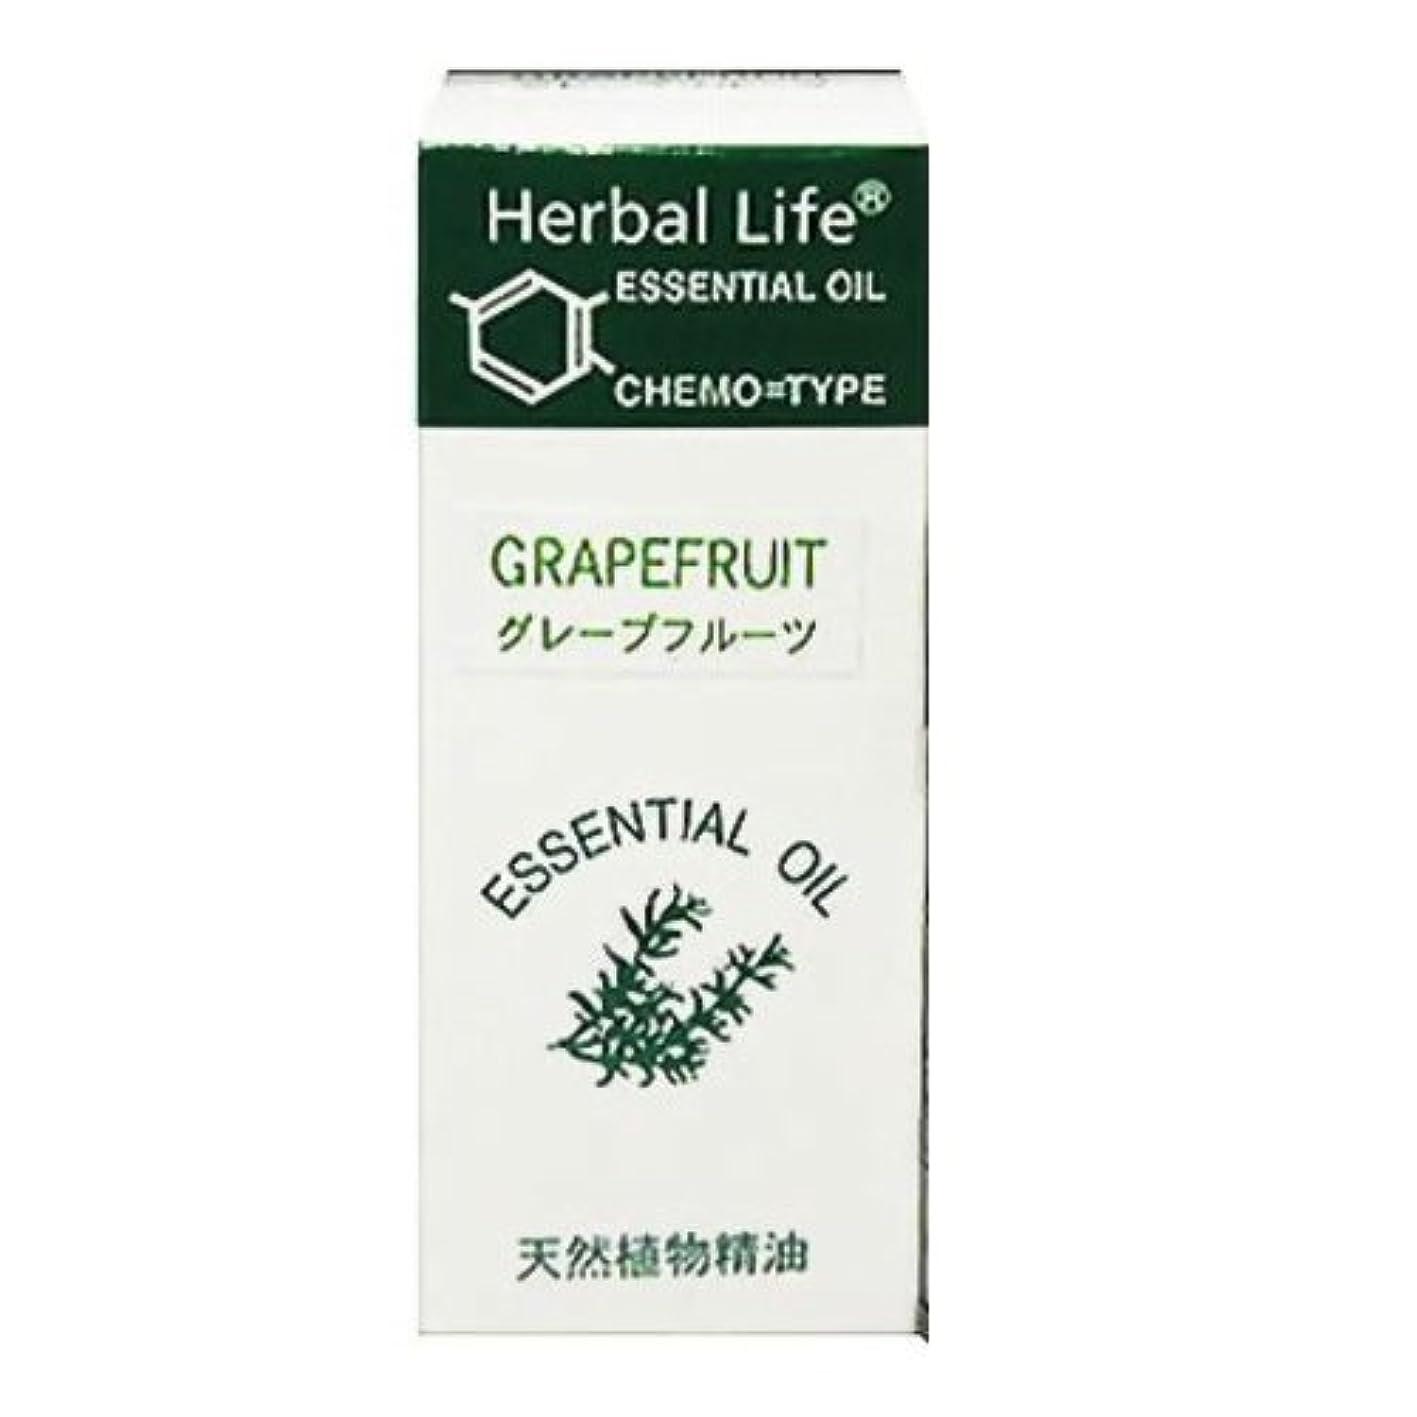 特異な名詞仕様生活の木 エッセンシャルオイル グレープフルーツ 10ml